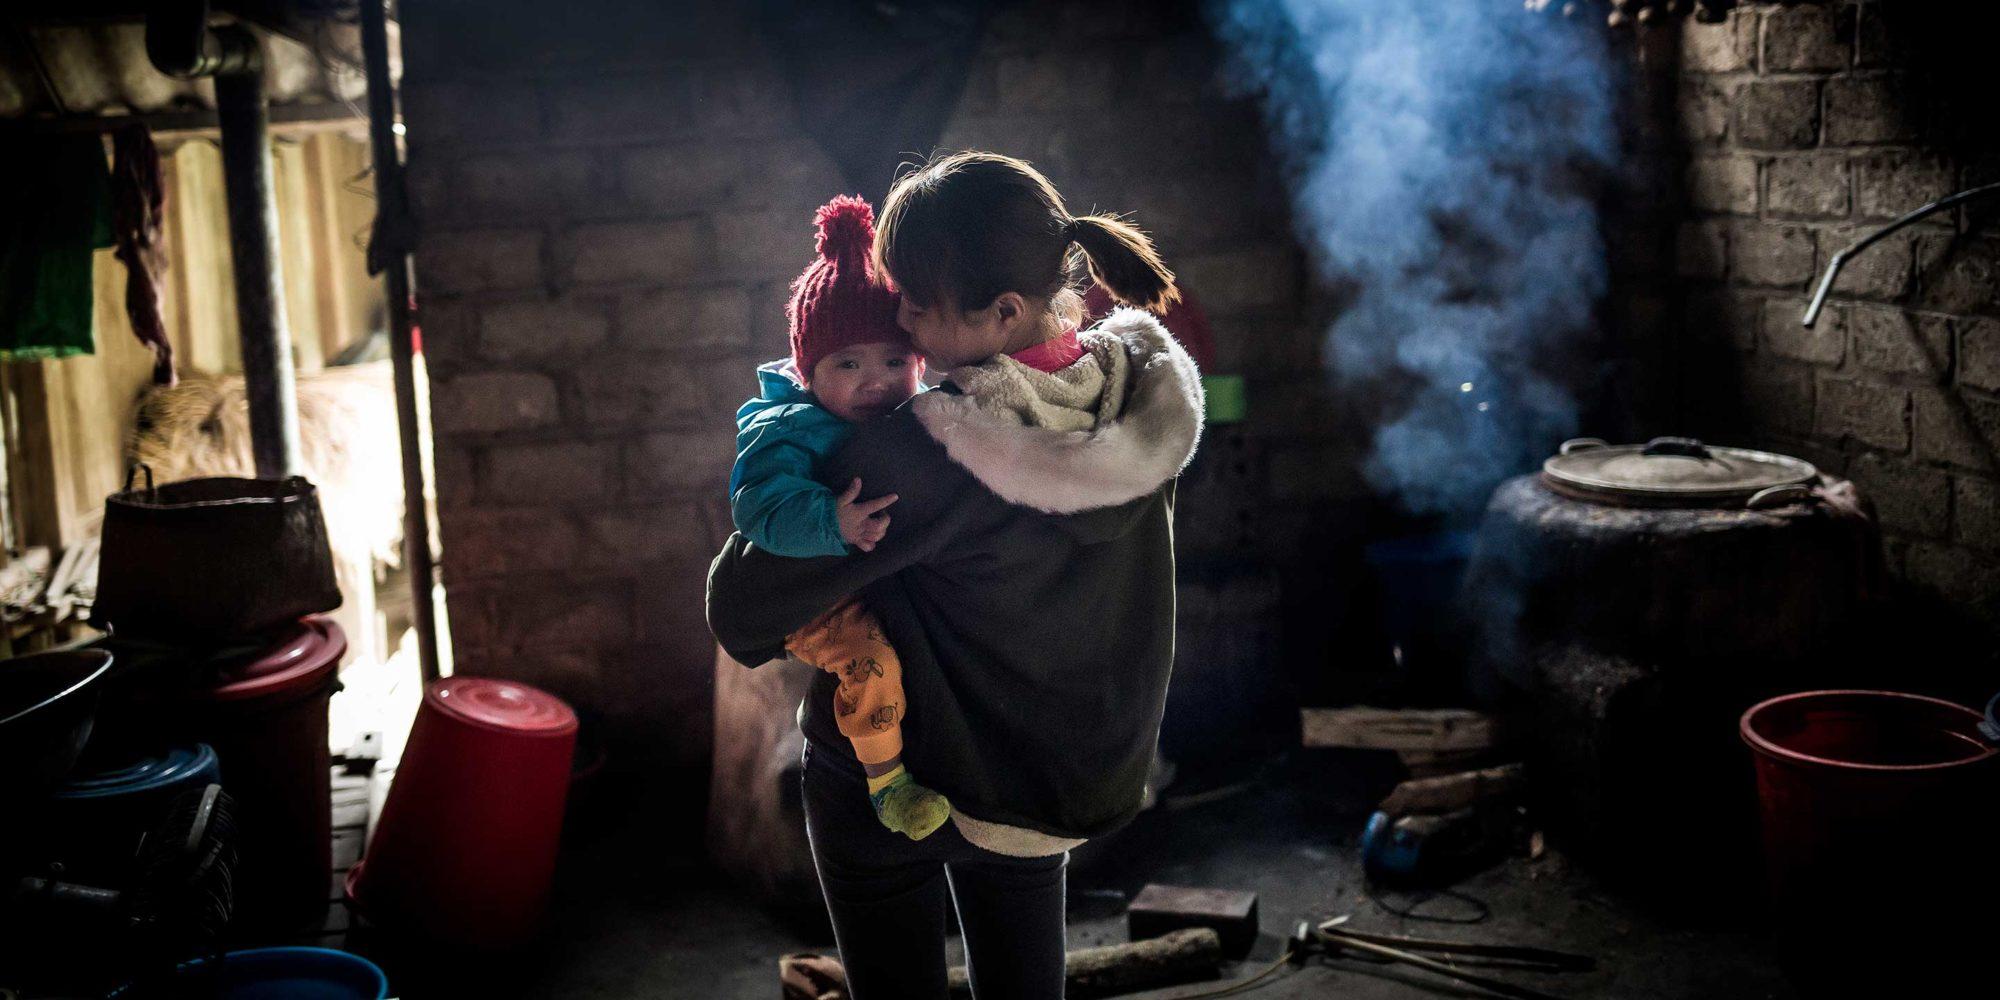 En ung kvinna håller ett litet barn i famnen. Hon står inne i ett mörkt, rökigt hus.